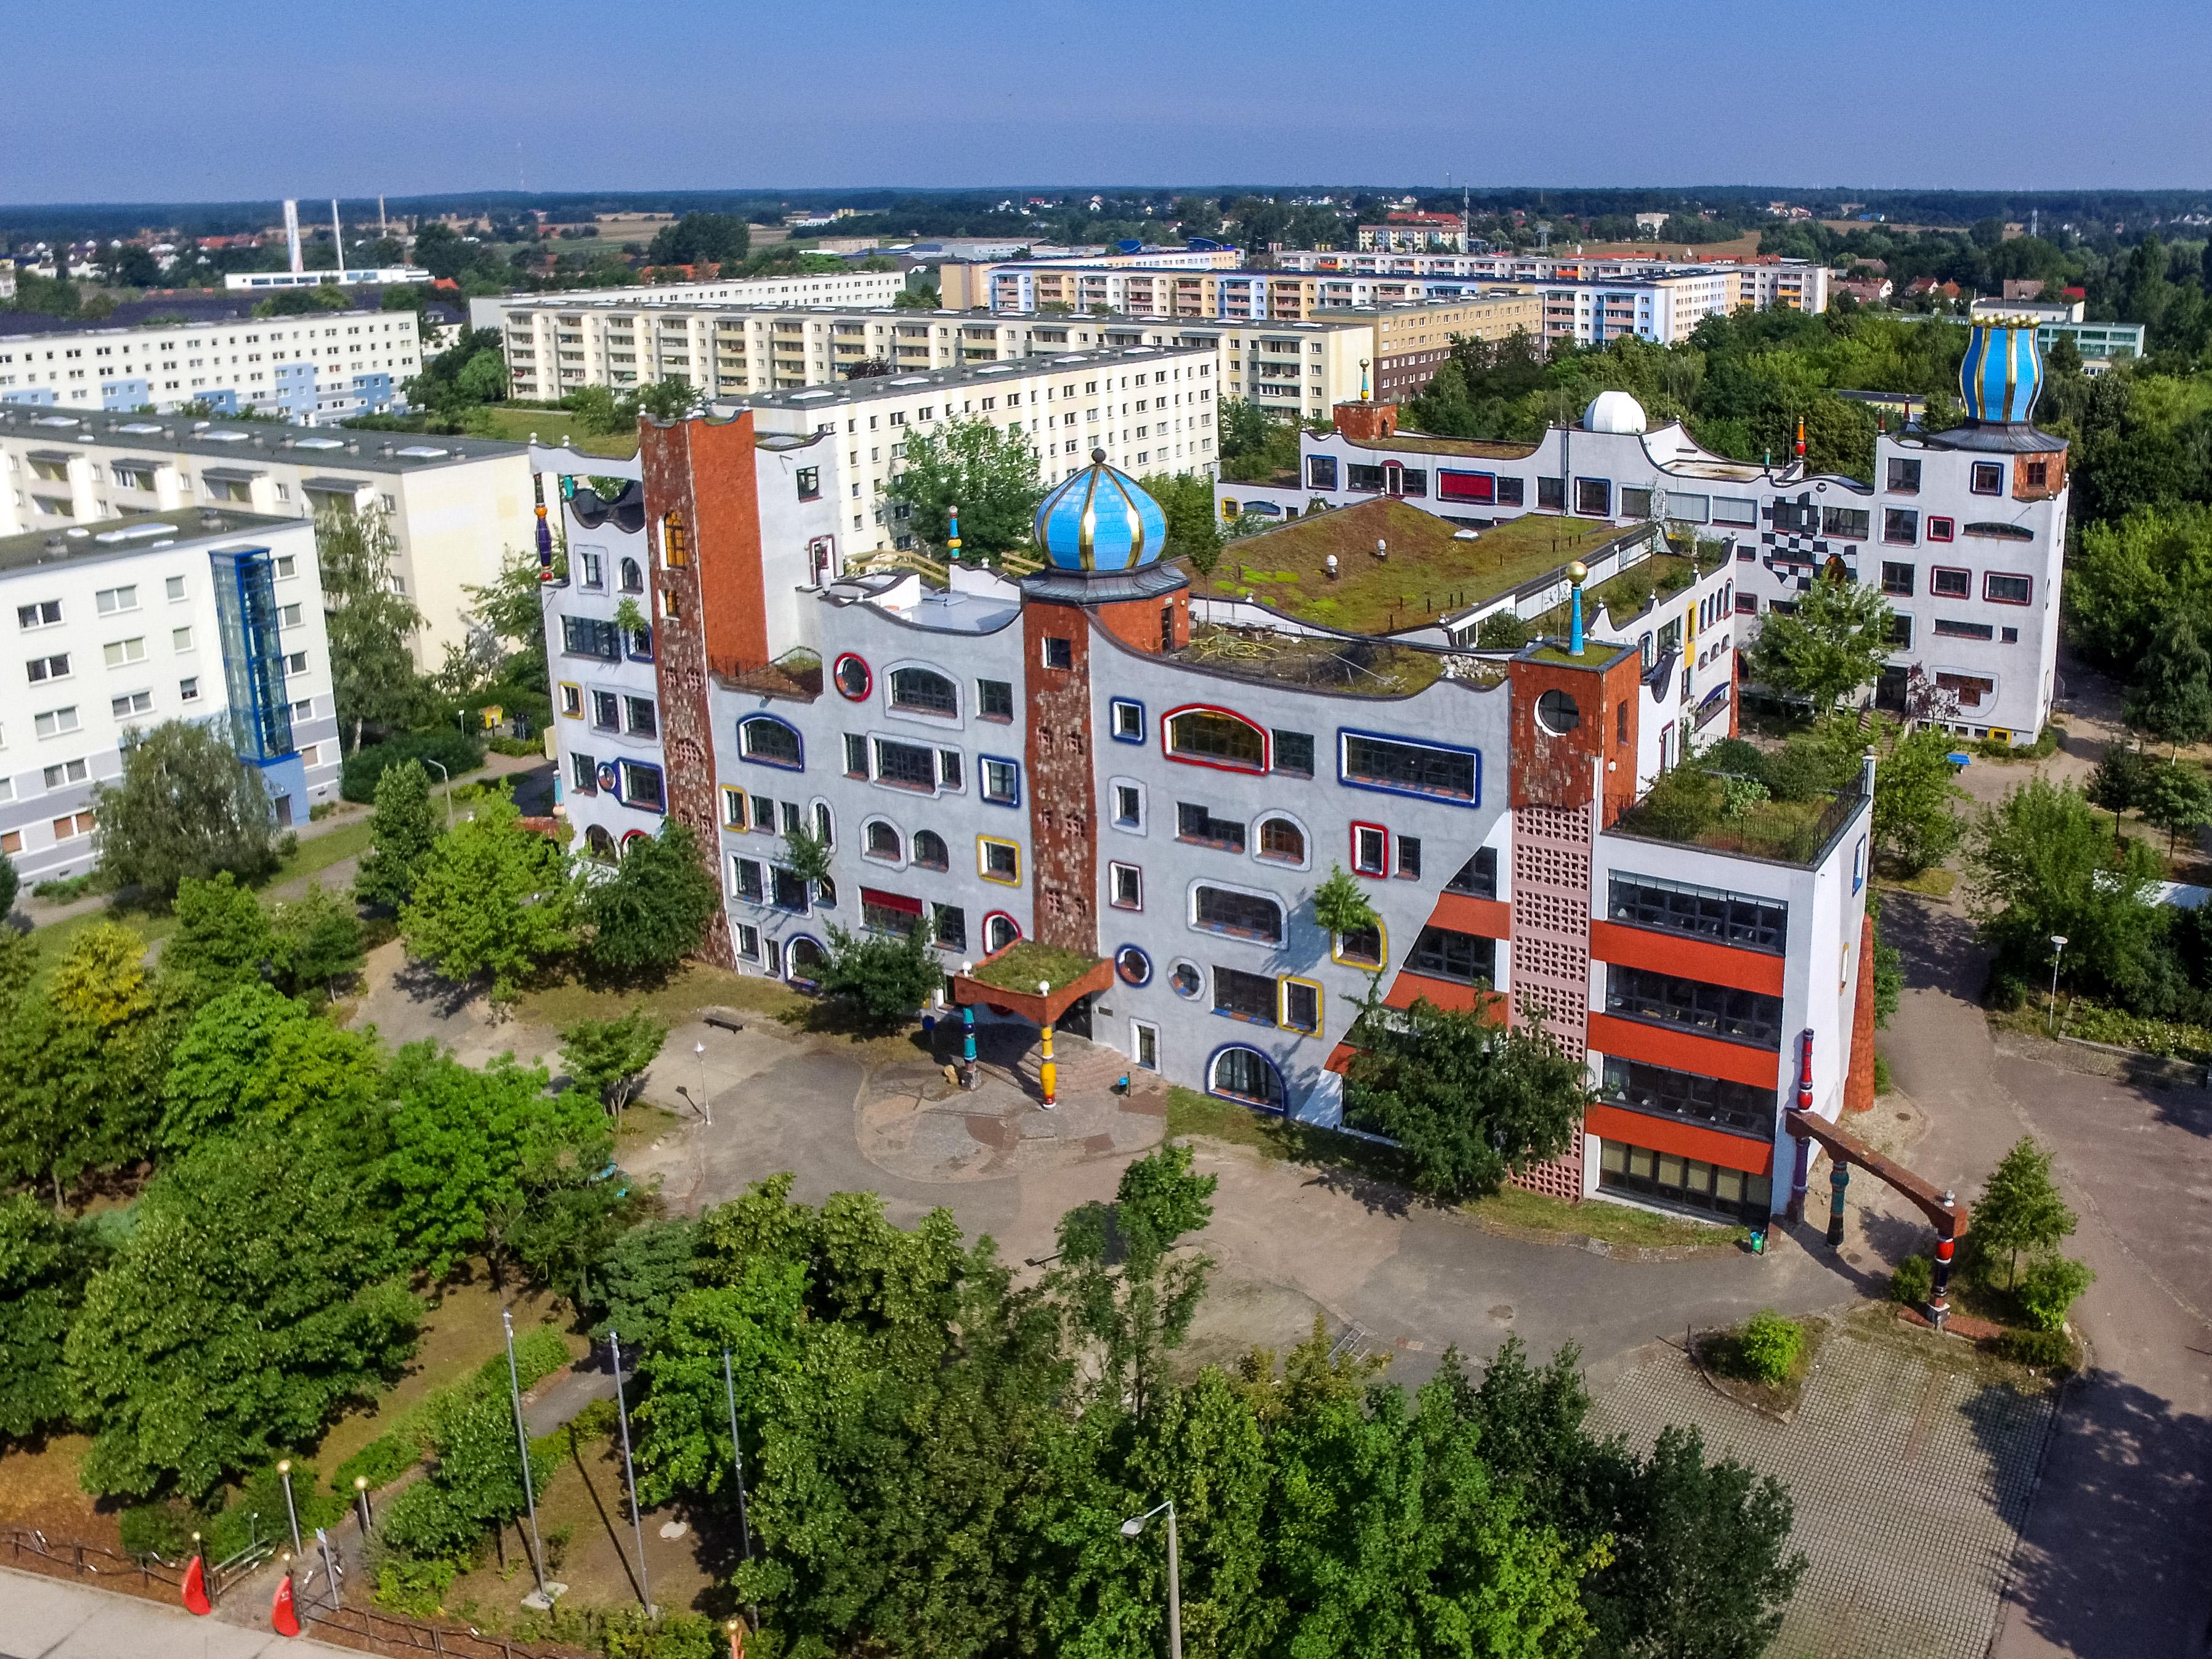 Luther-Melanchthon-Gymnasium, Luftaufnahme, von Gavailer, CC-SA 4.0